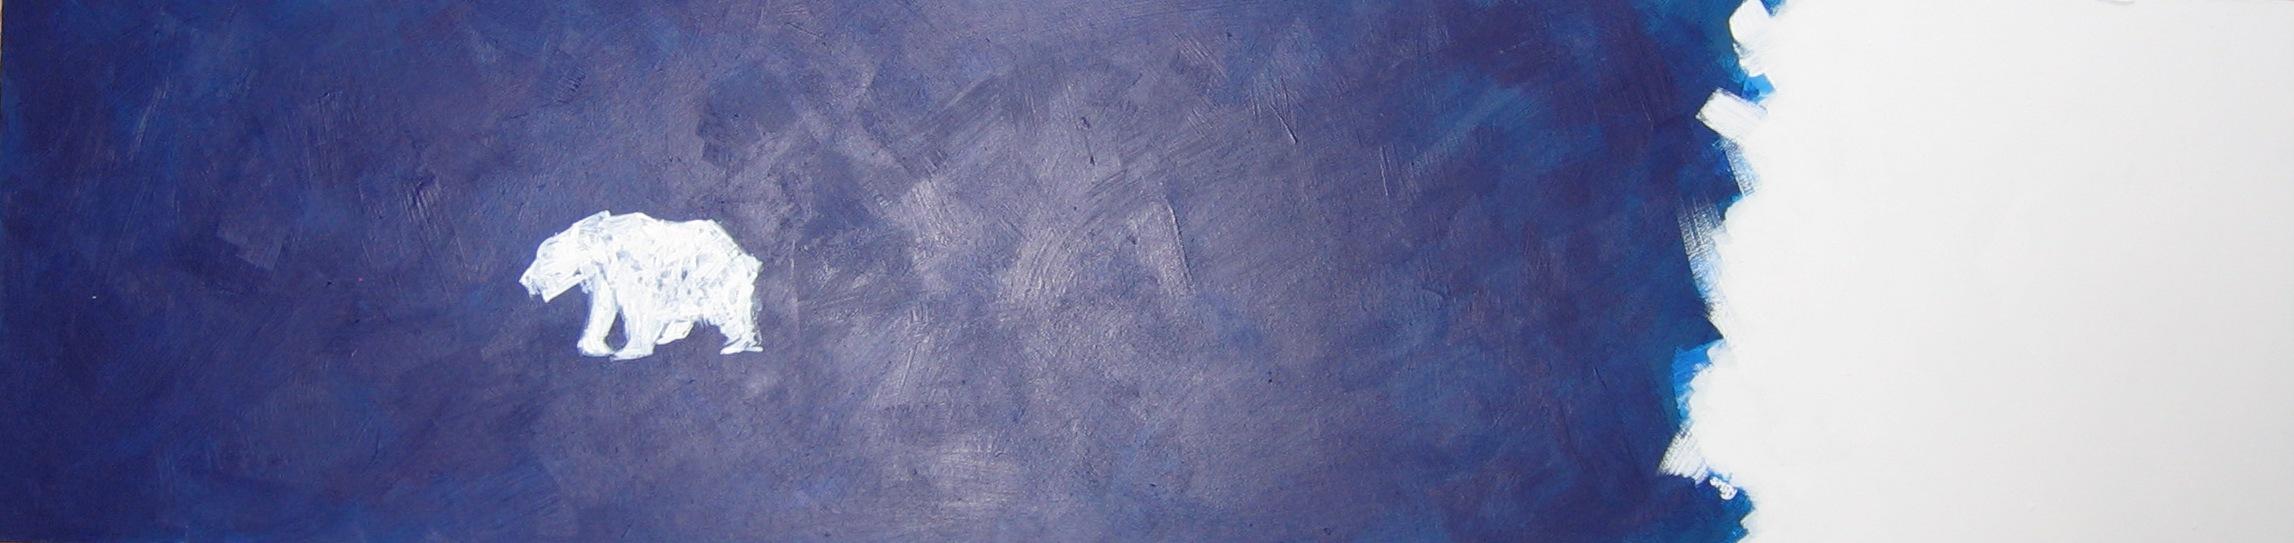 ice bear berg  2008 Acrylics on wood 160 x 40cm